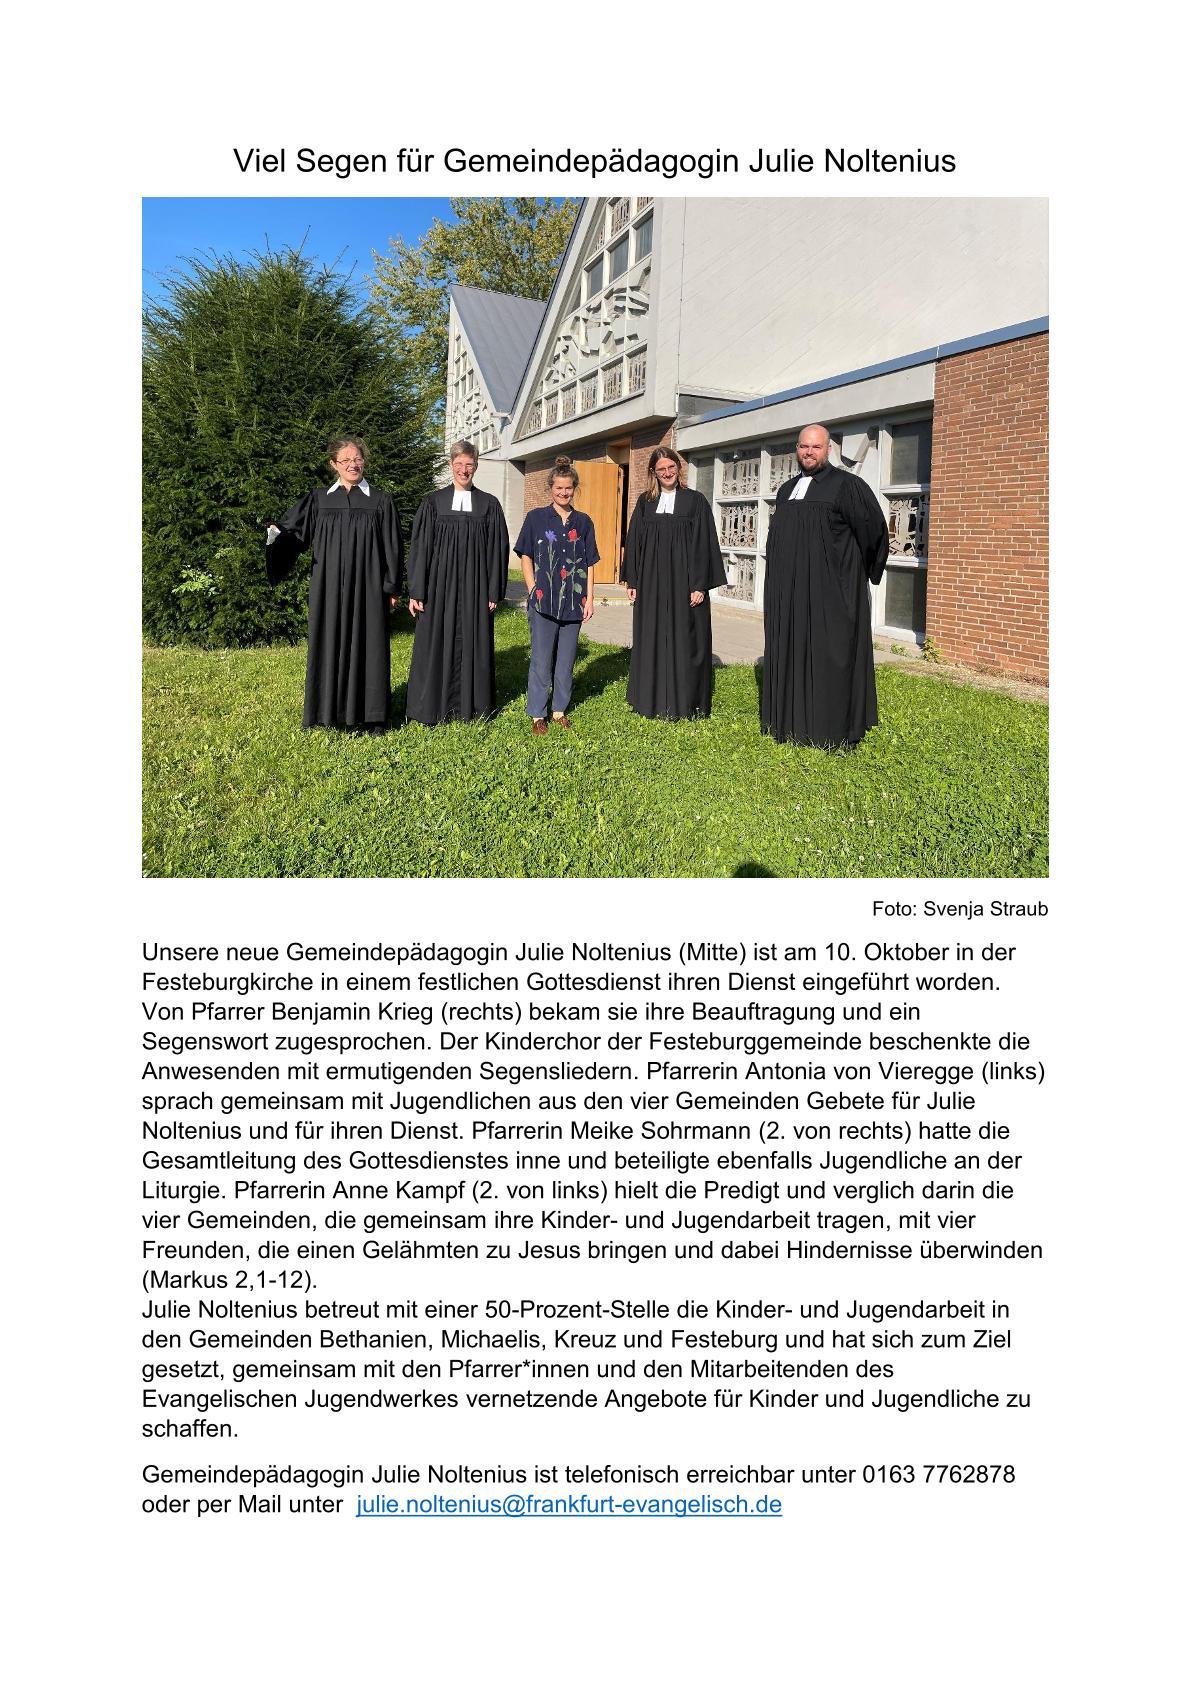 6163d4fa25e2cGemeindepädagogin Julie Noltenius Diensteinführung.jpg